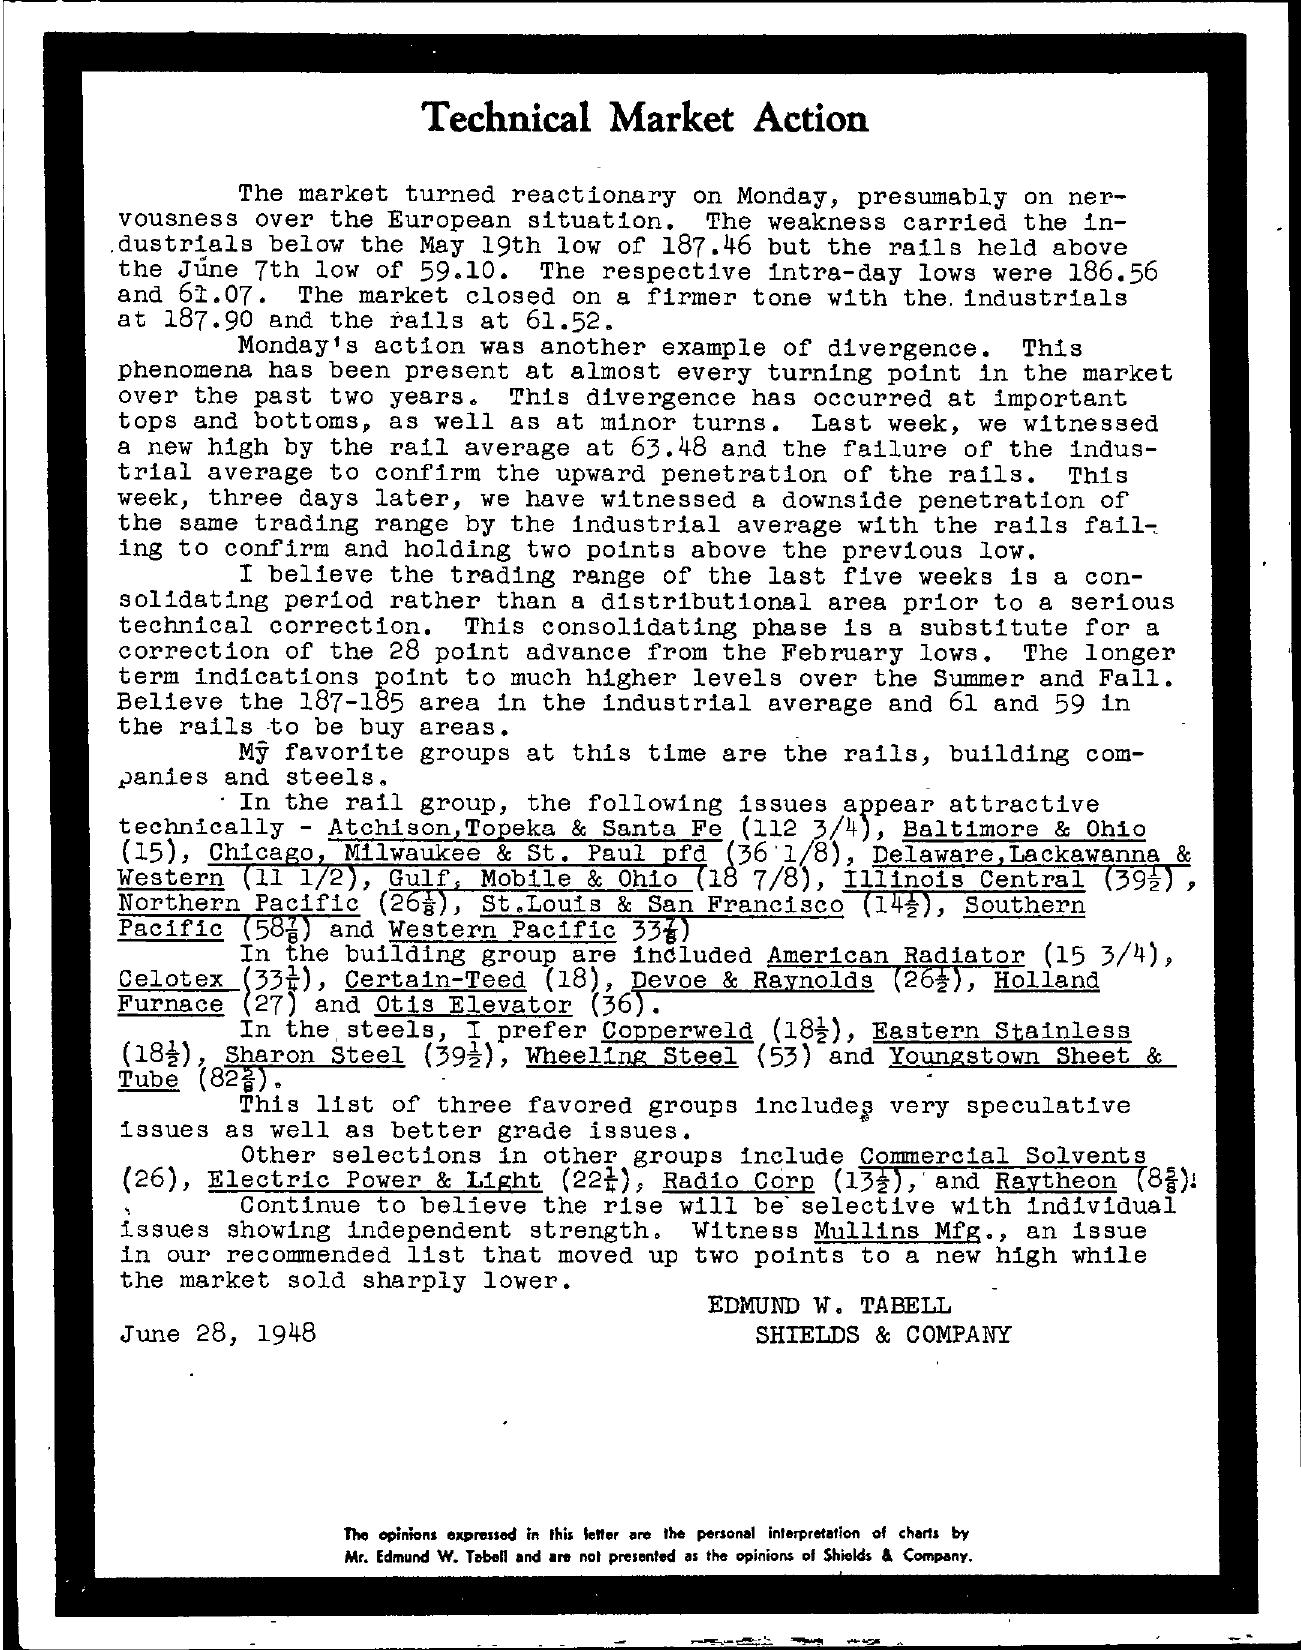 Tabell's Market Letter - June 28, 1948